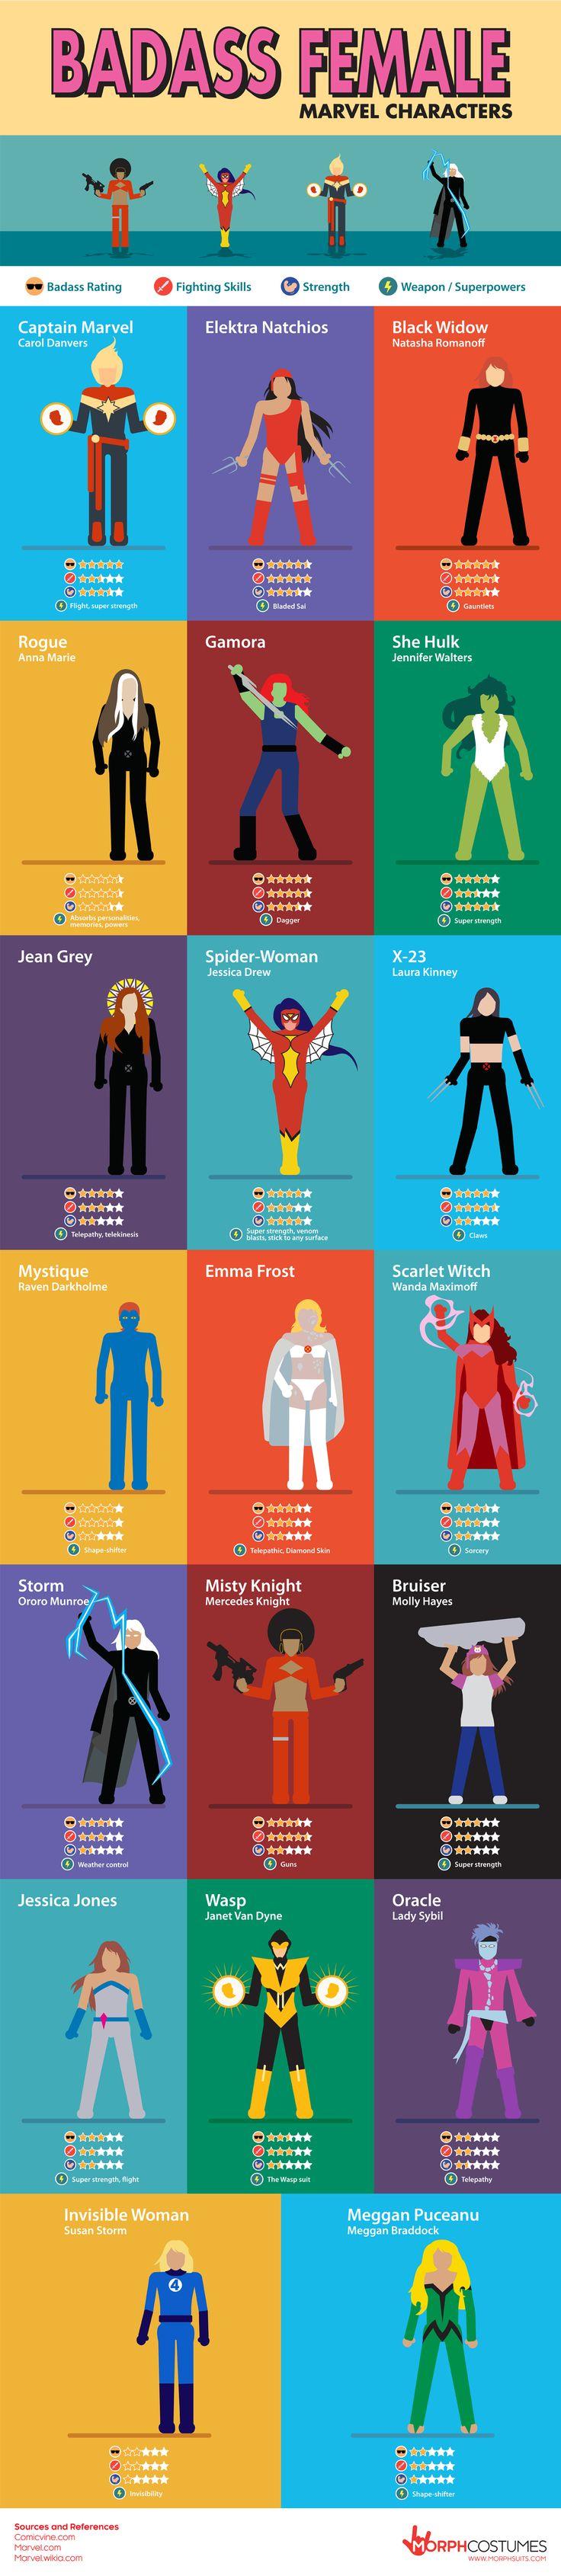 Voici les personnages féminins les plus badass chez Marvel